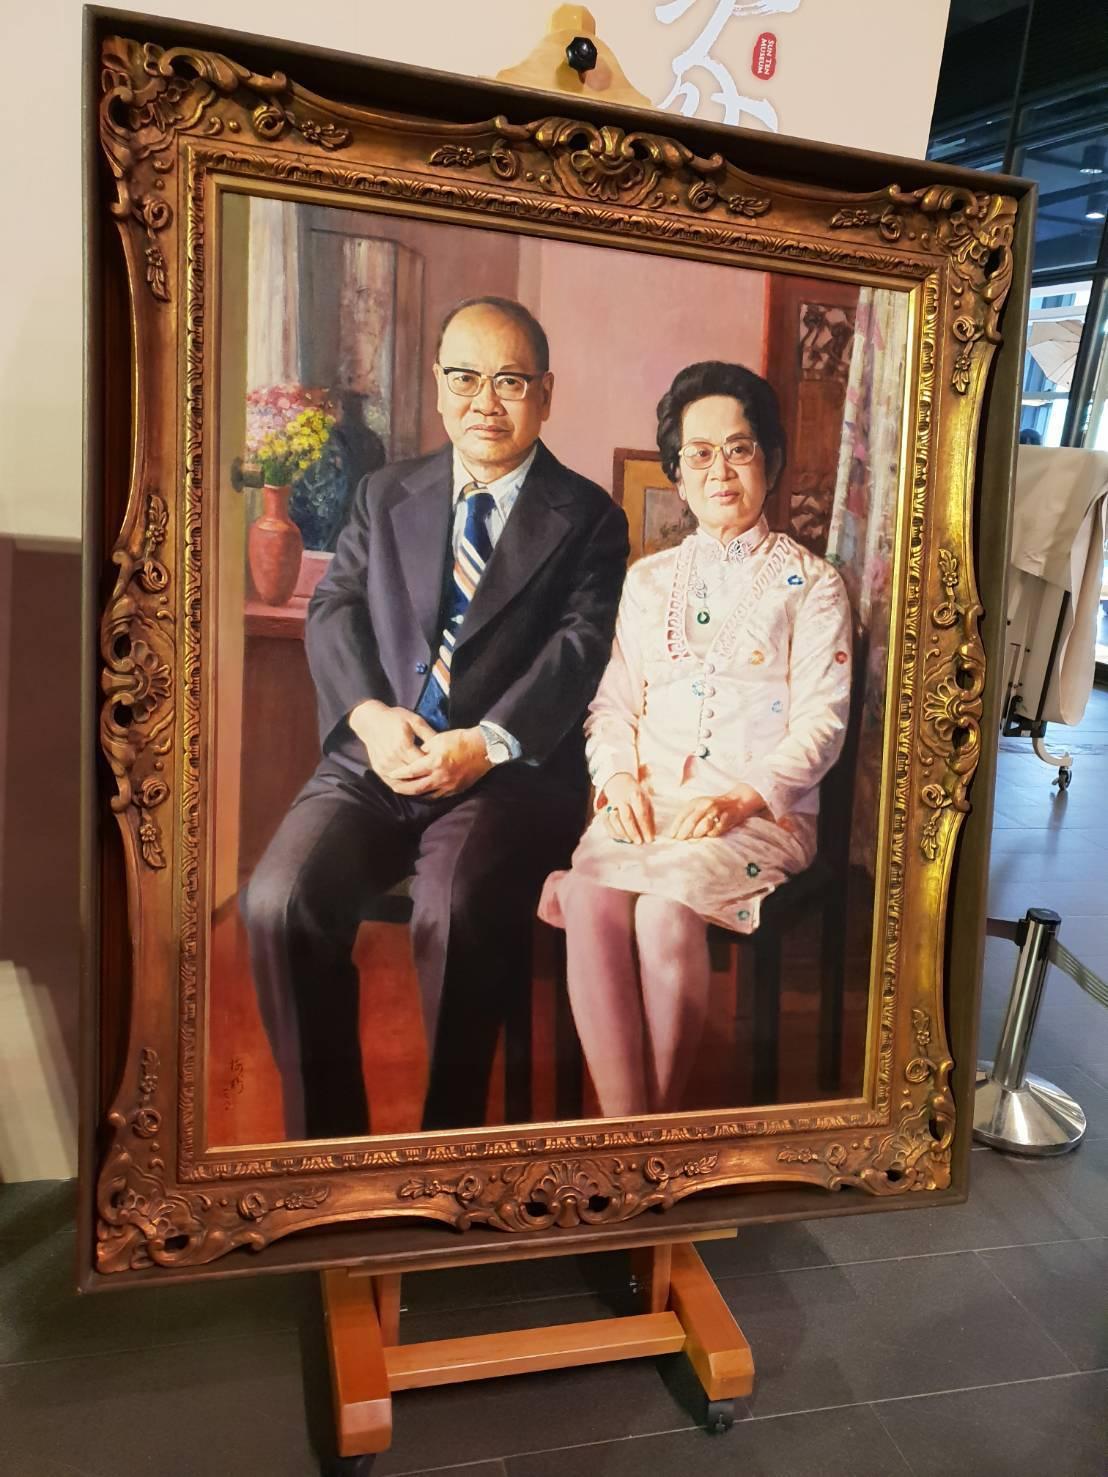 許鴻源夫妻的肖像畫,是前輩畫家李梅樹所繪。記者陳宛茜/攝影